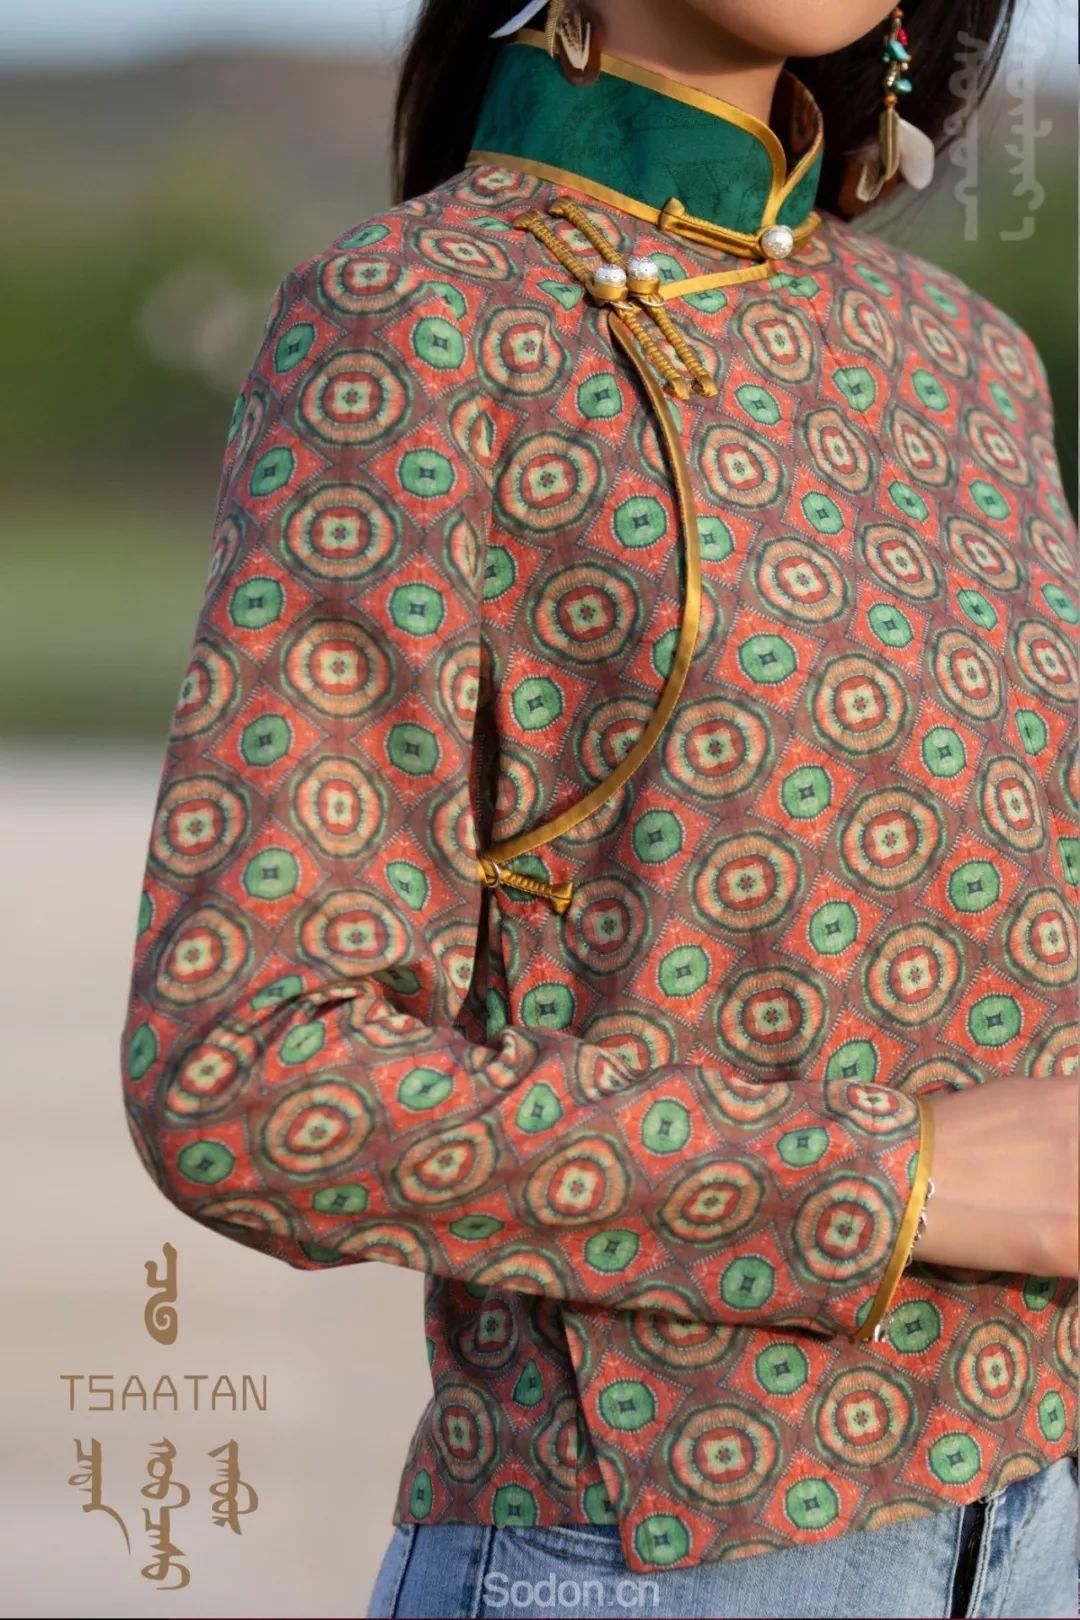 TSAATAN蒙古时装 2019新款,来自驯鹿人的独特魅力! 第10张